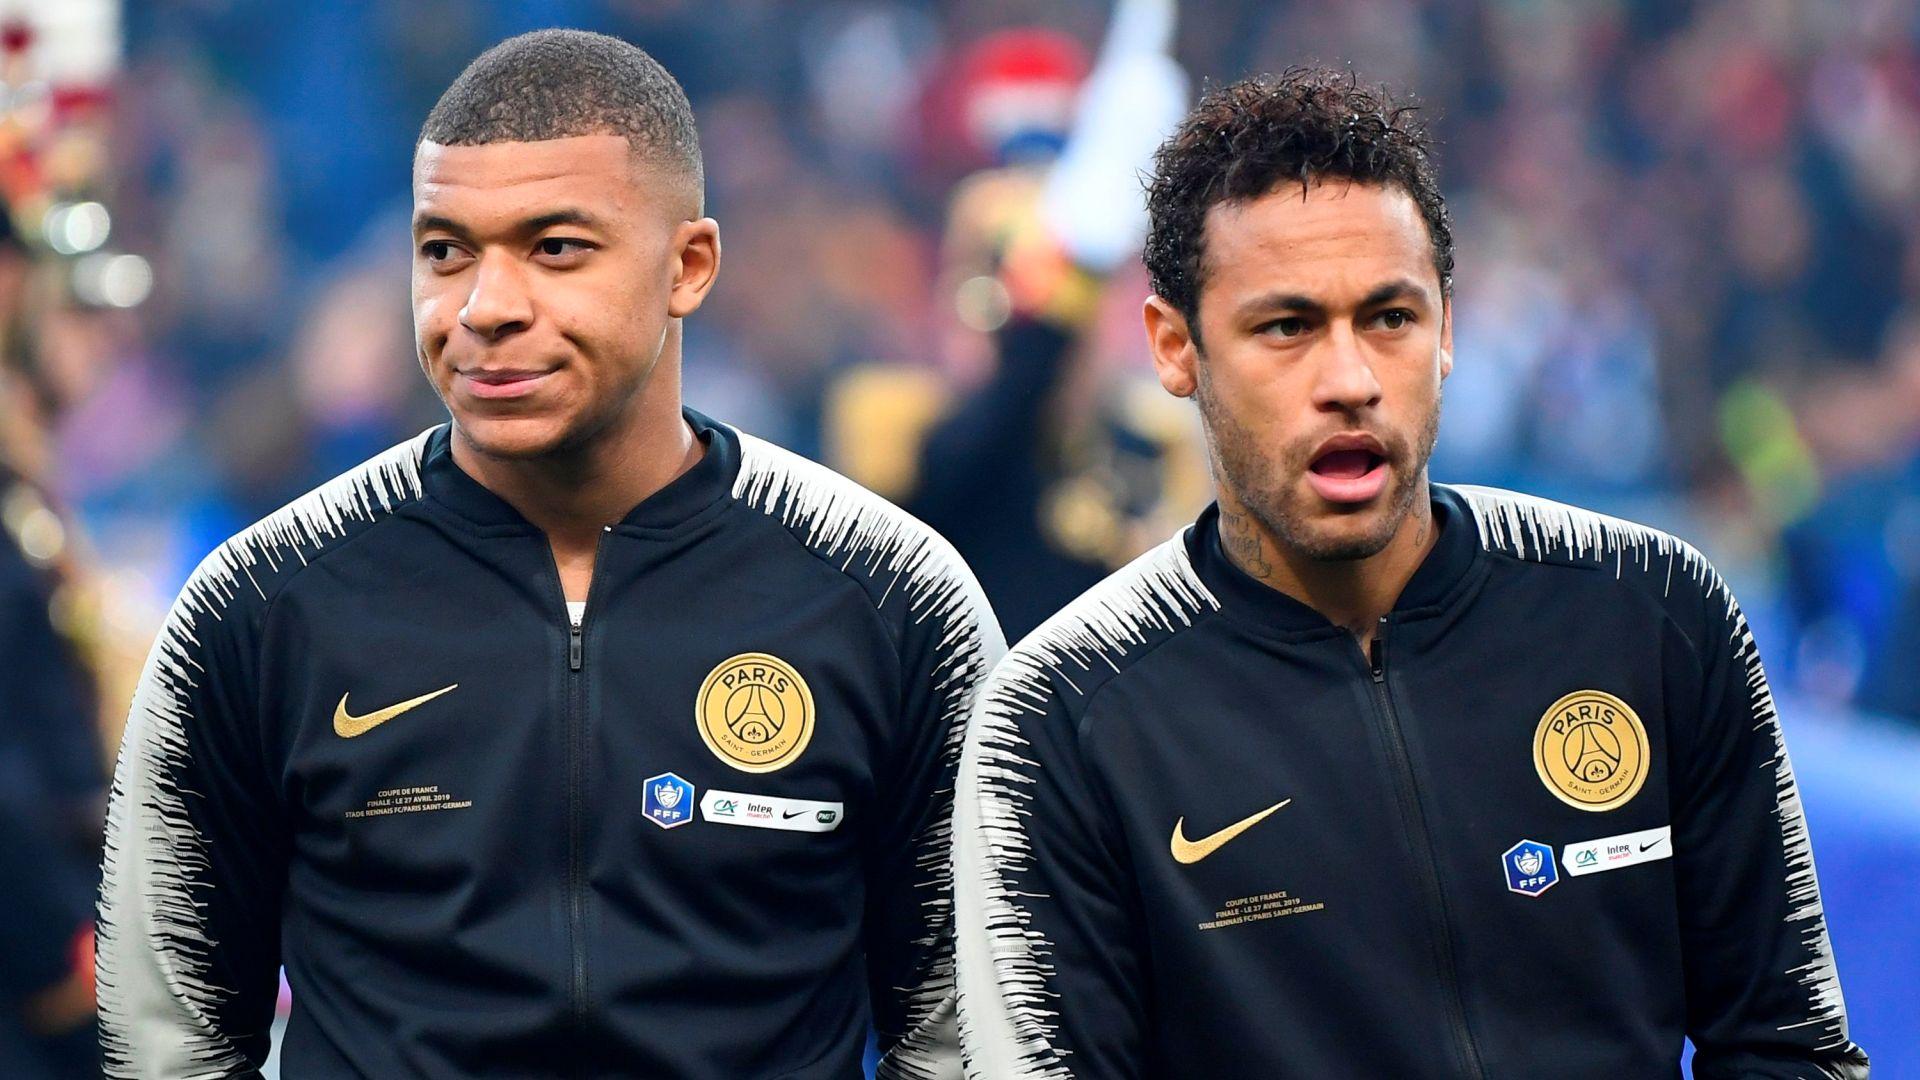 """PSG - Neymar : """"On s'entraide beaucoup avec Mbappé"""""""